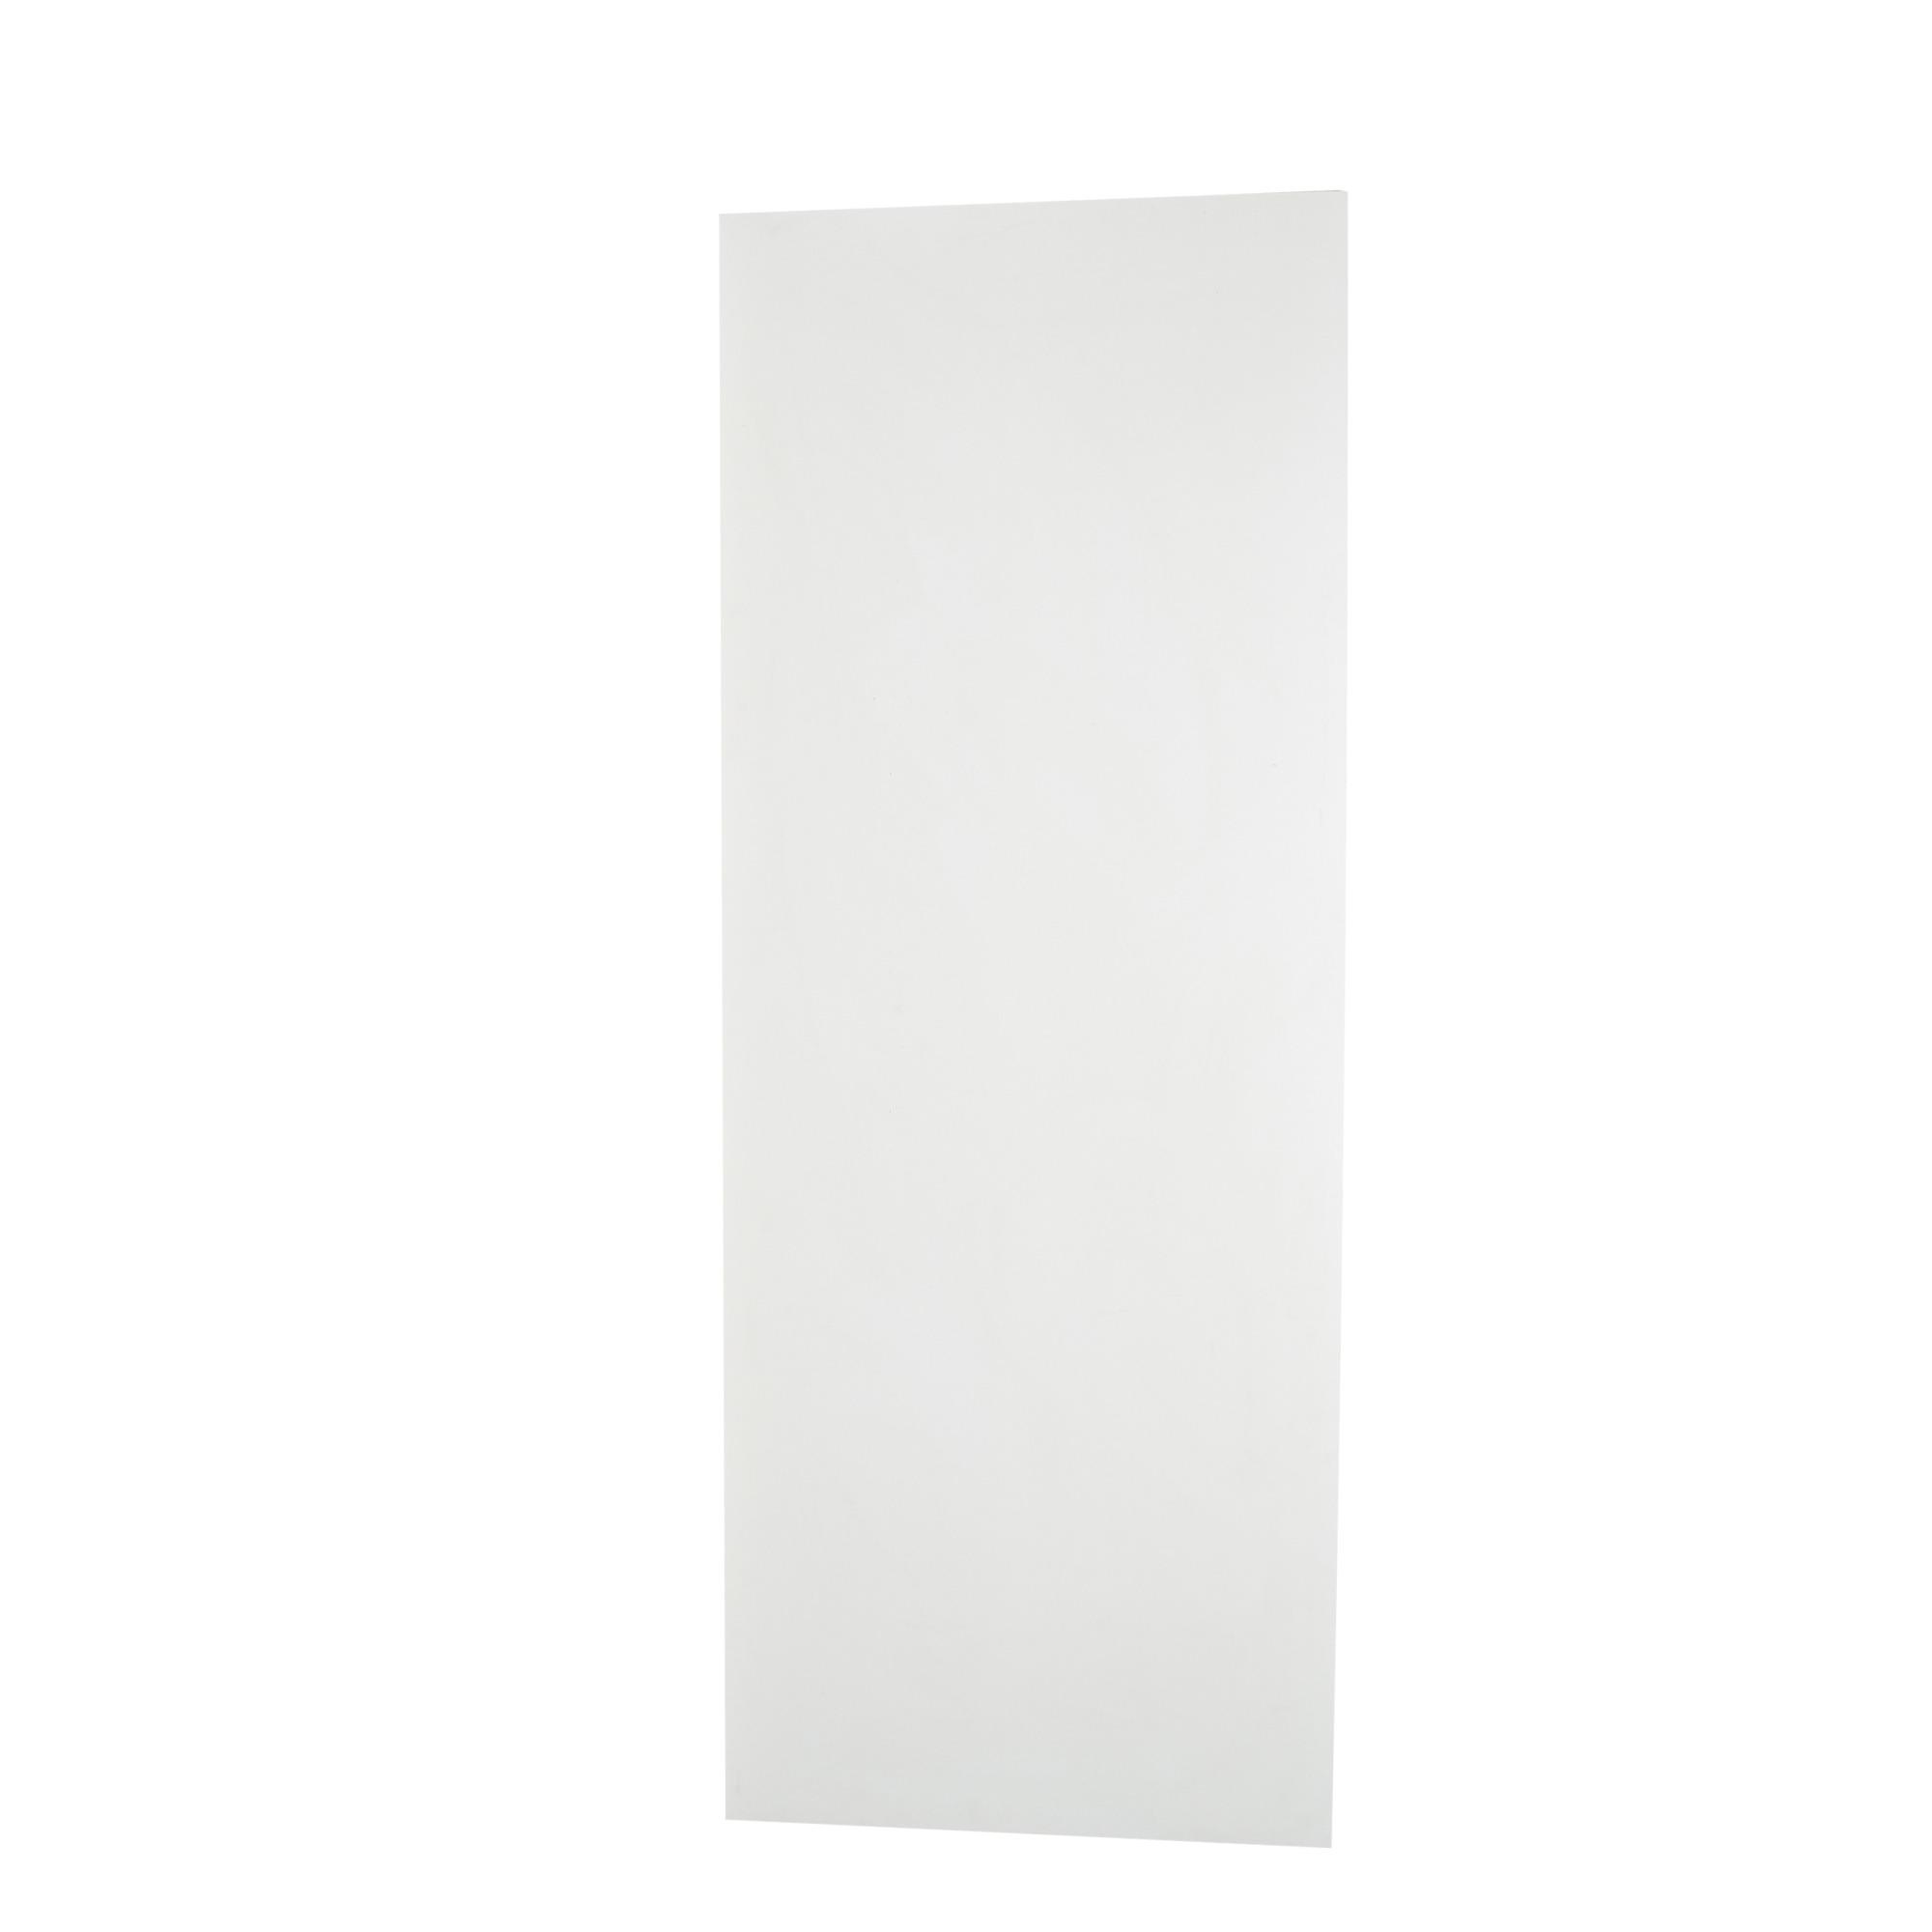 Porta de Madeira de Abrir Lisa Semissolido 80 x 210cm Pinus Branco - 529716 - Madelar